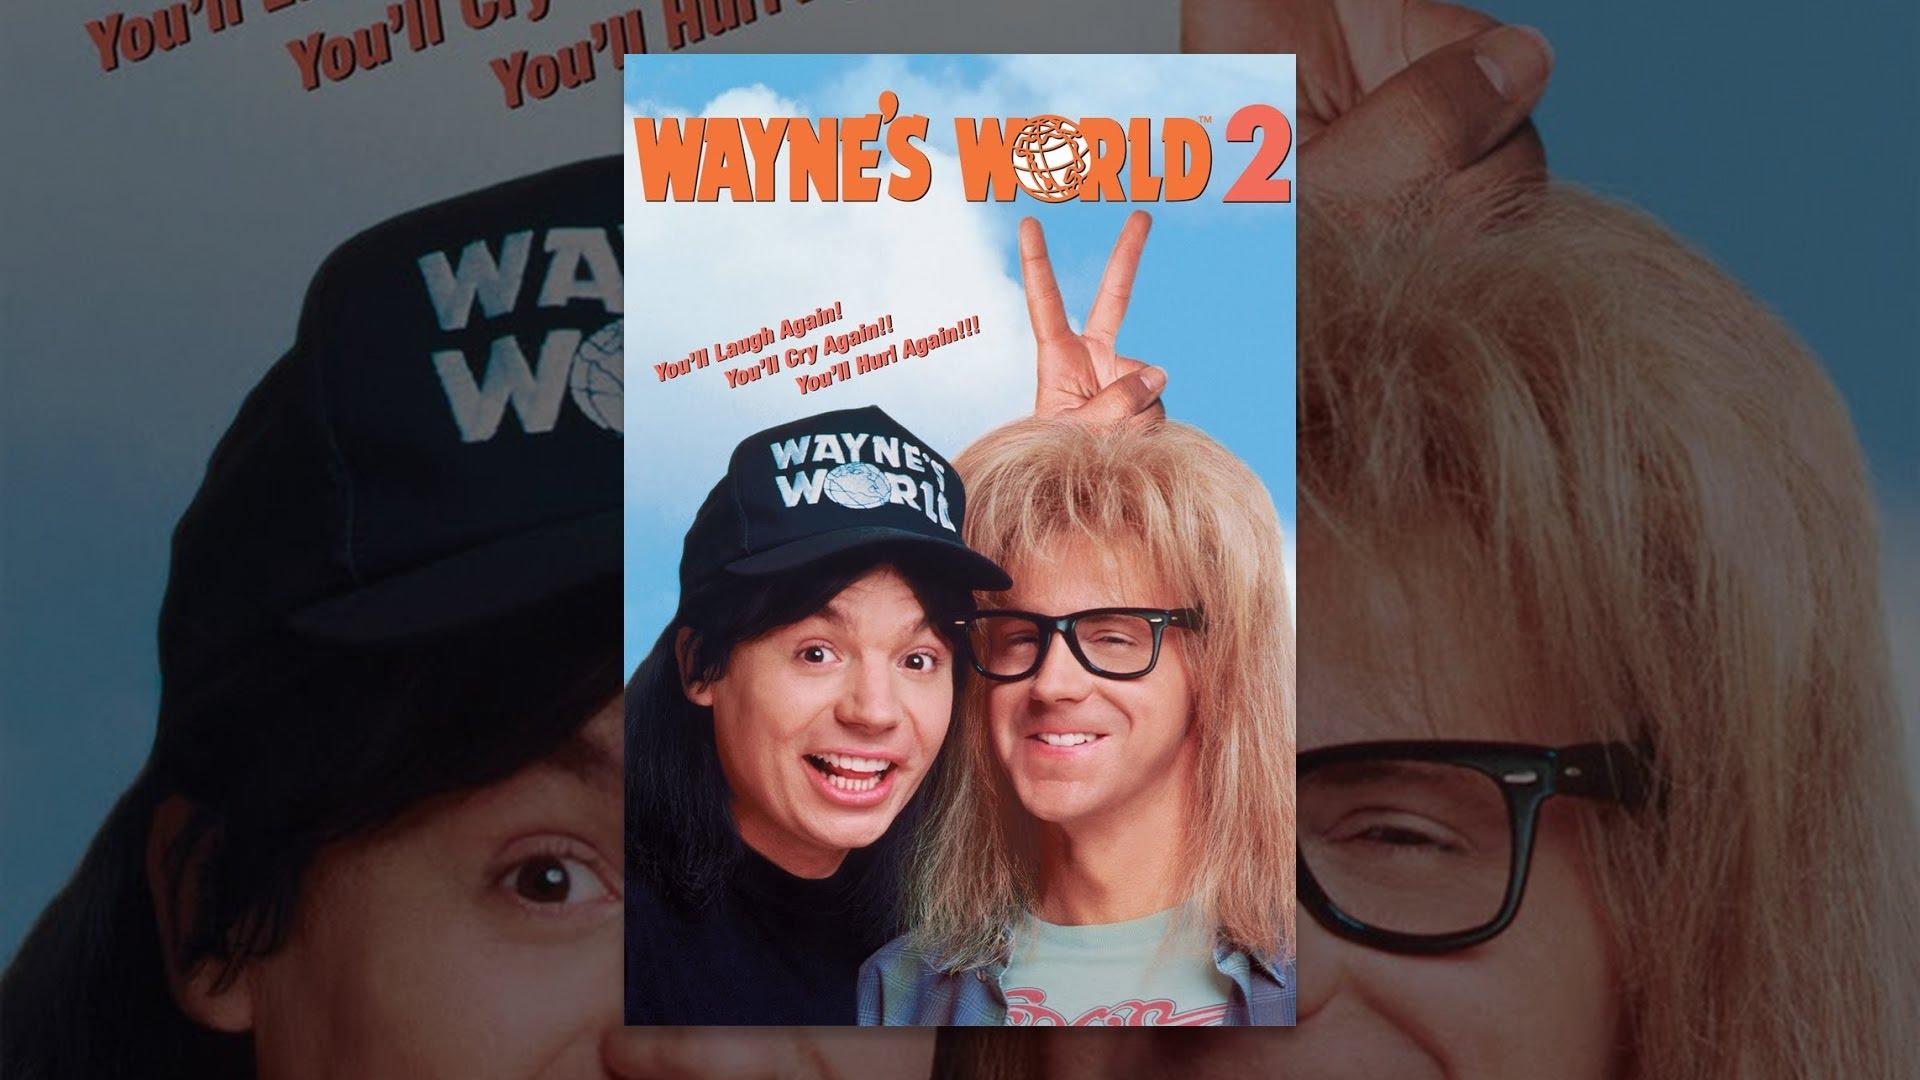 WayneS World 2